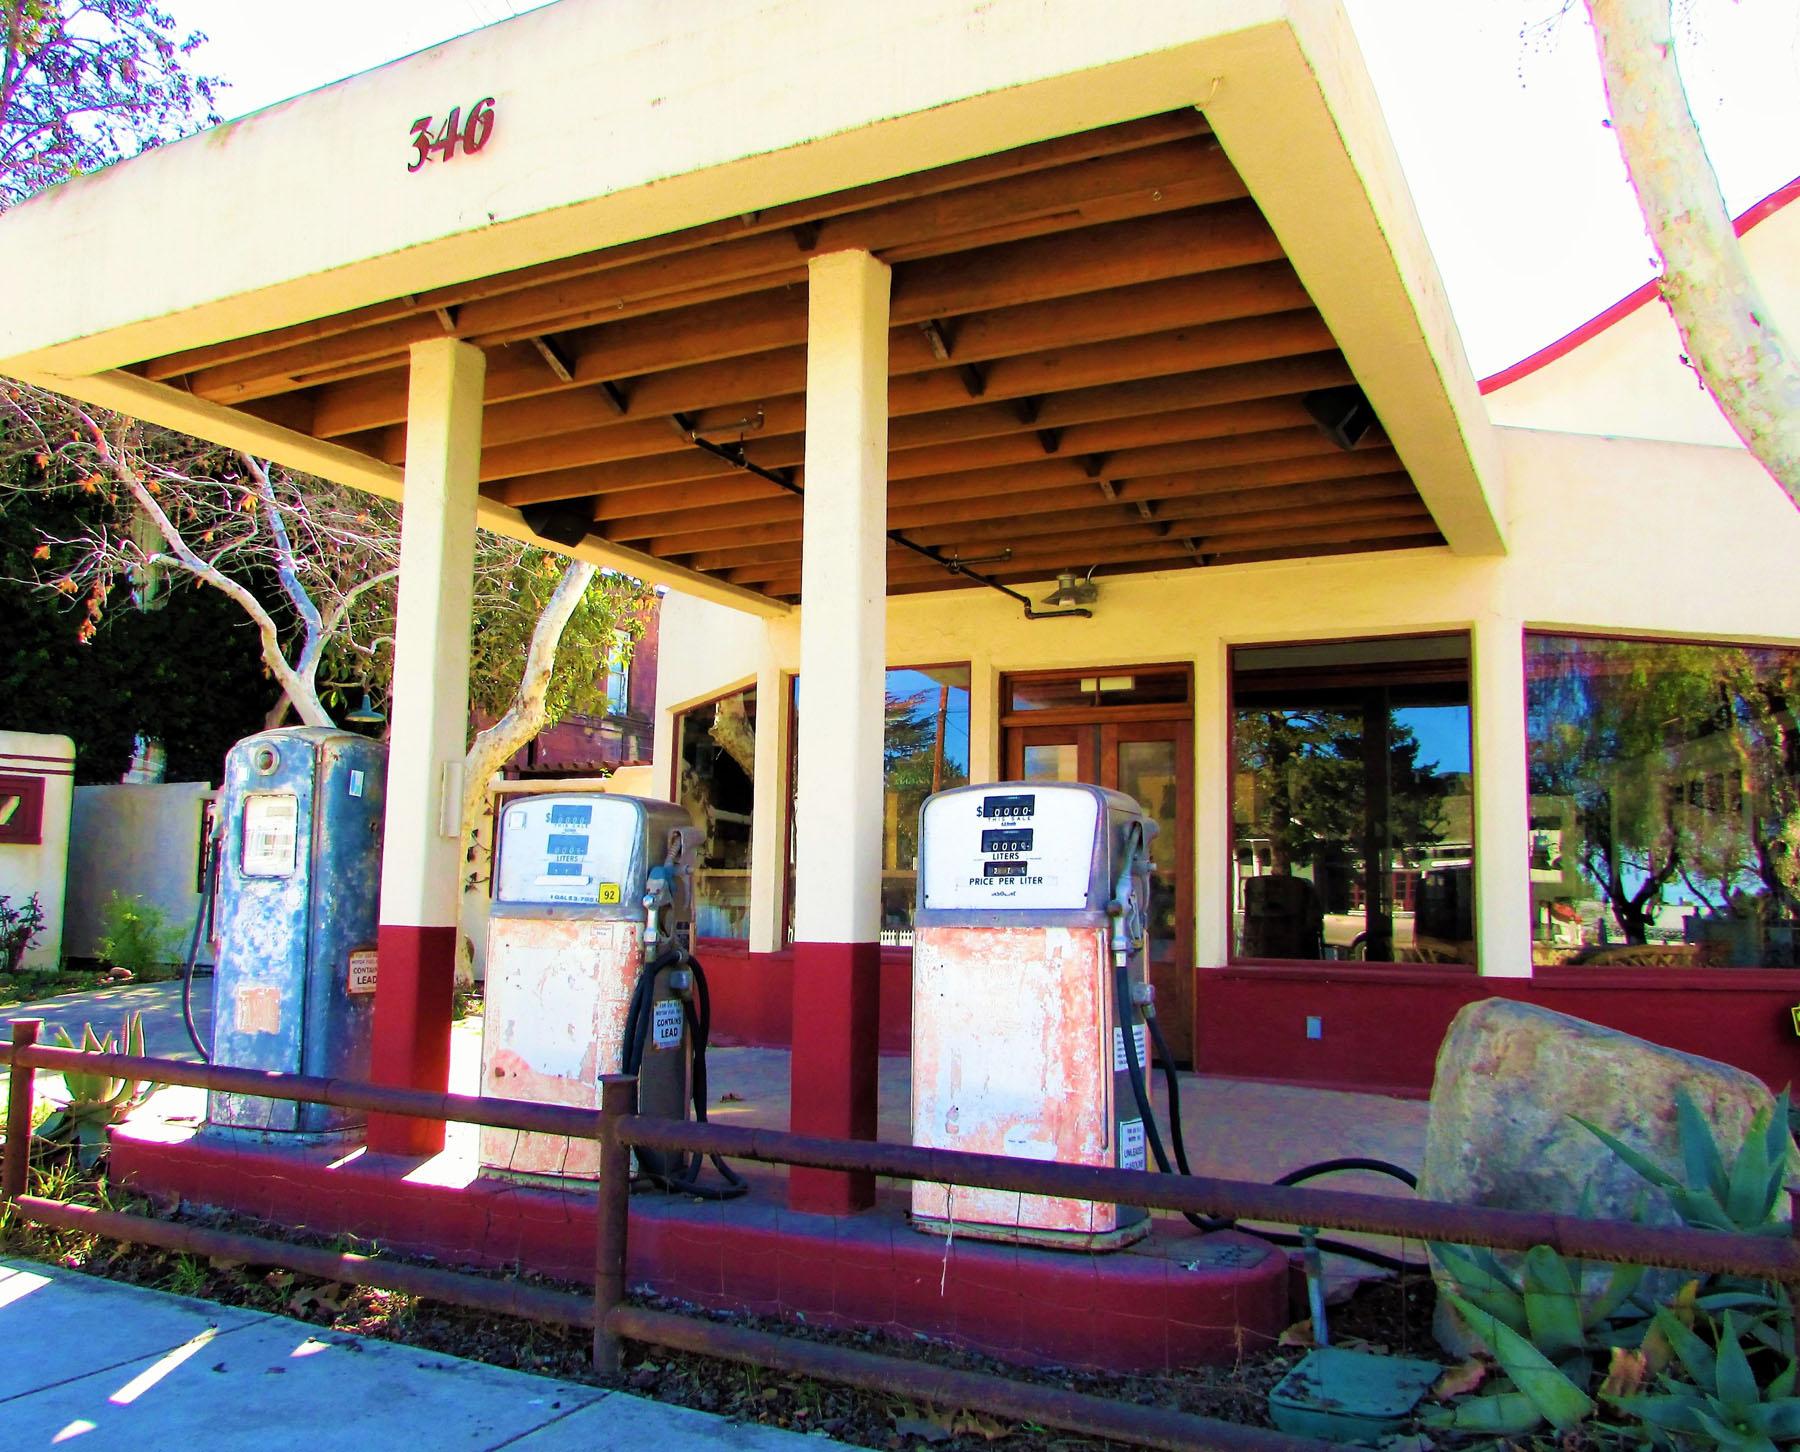 LosAlamos_0896_OldStation.jpg